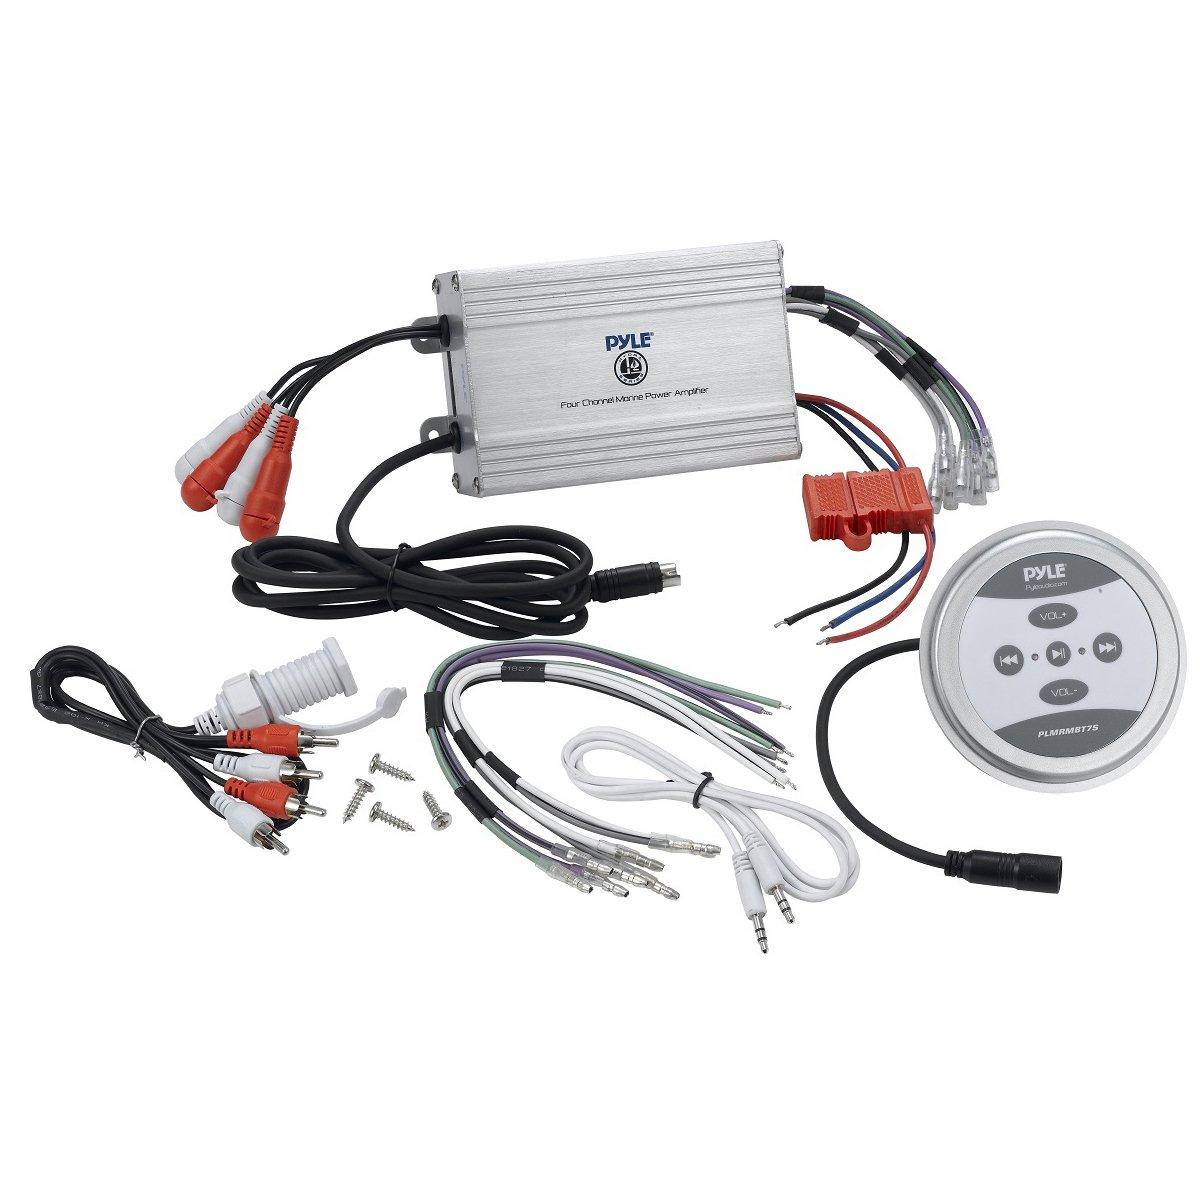 Pyle plmrmbt7s Marine Grade 1200 W amplificador Bluetooth Amplificador de 4 canales (plata): Amazon.es: Electrónica